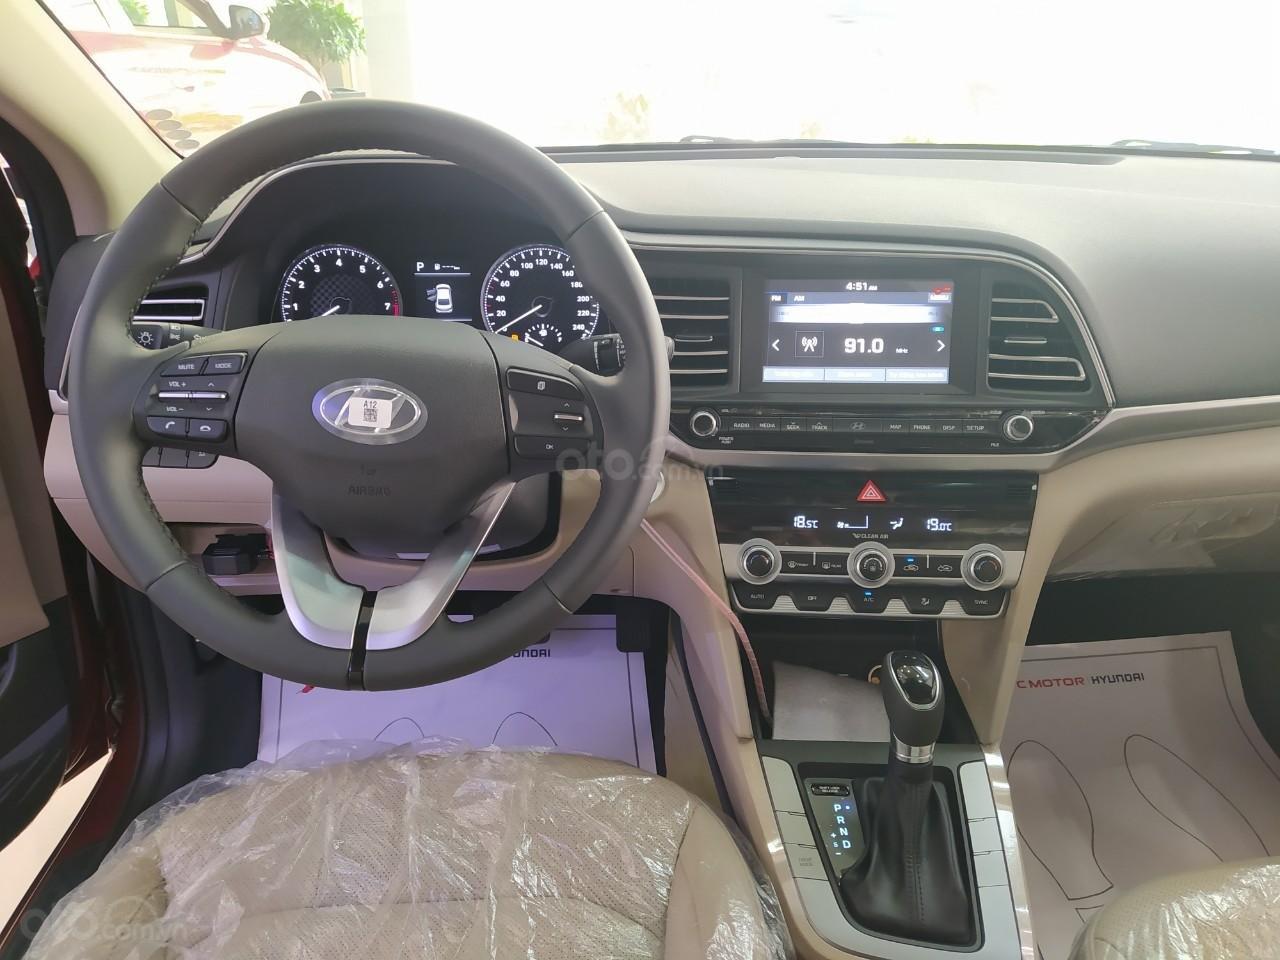 Hyundai An Phú bán Hyundai Elantra giá tốt, góp 90%, xe giao ngay, liên hệ Mr Nghĩa để được hỗ trợ tốt nhất (8)